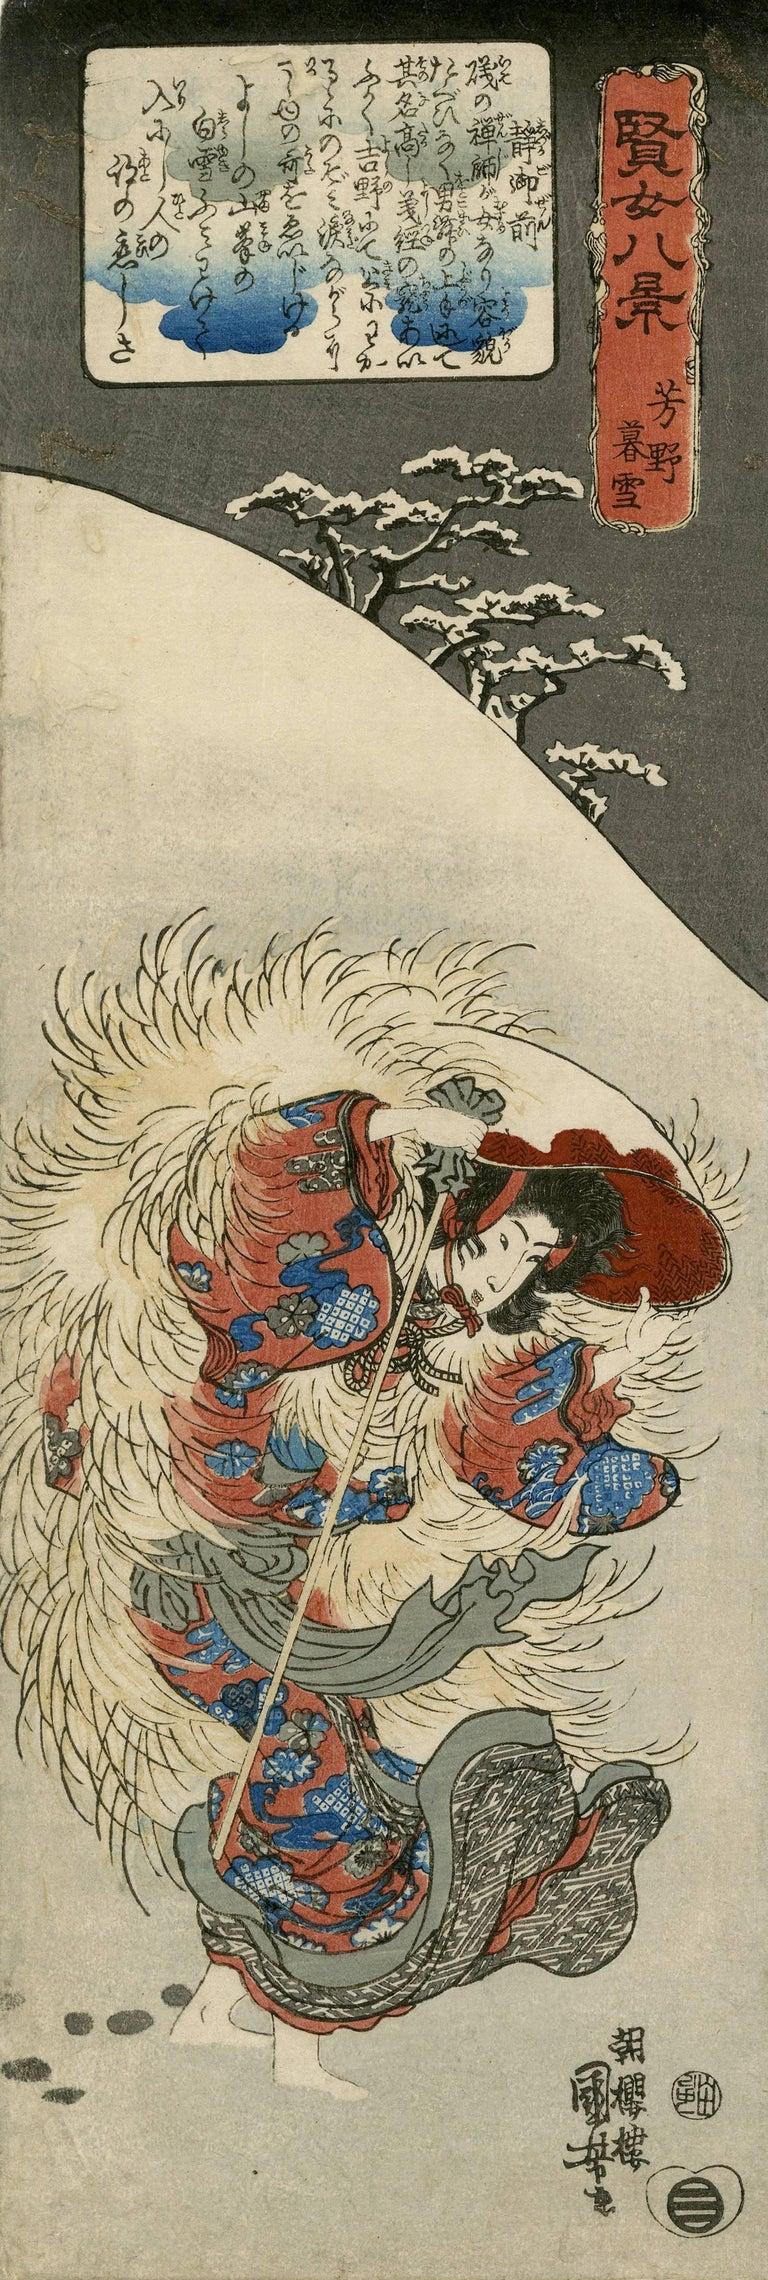 Utagawa Kuniyoshi Figurative Print - Lingering Snow Mount Yoshino